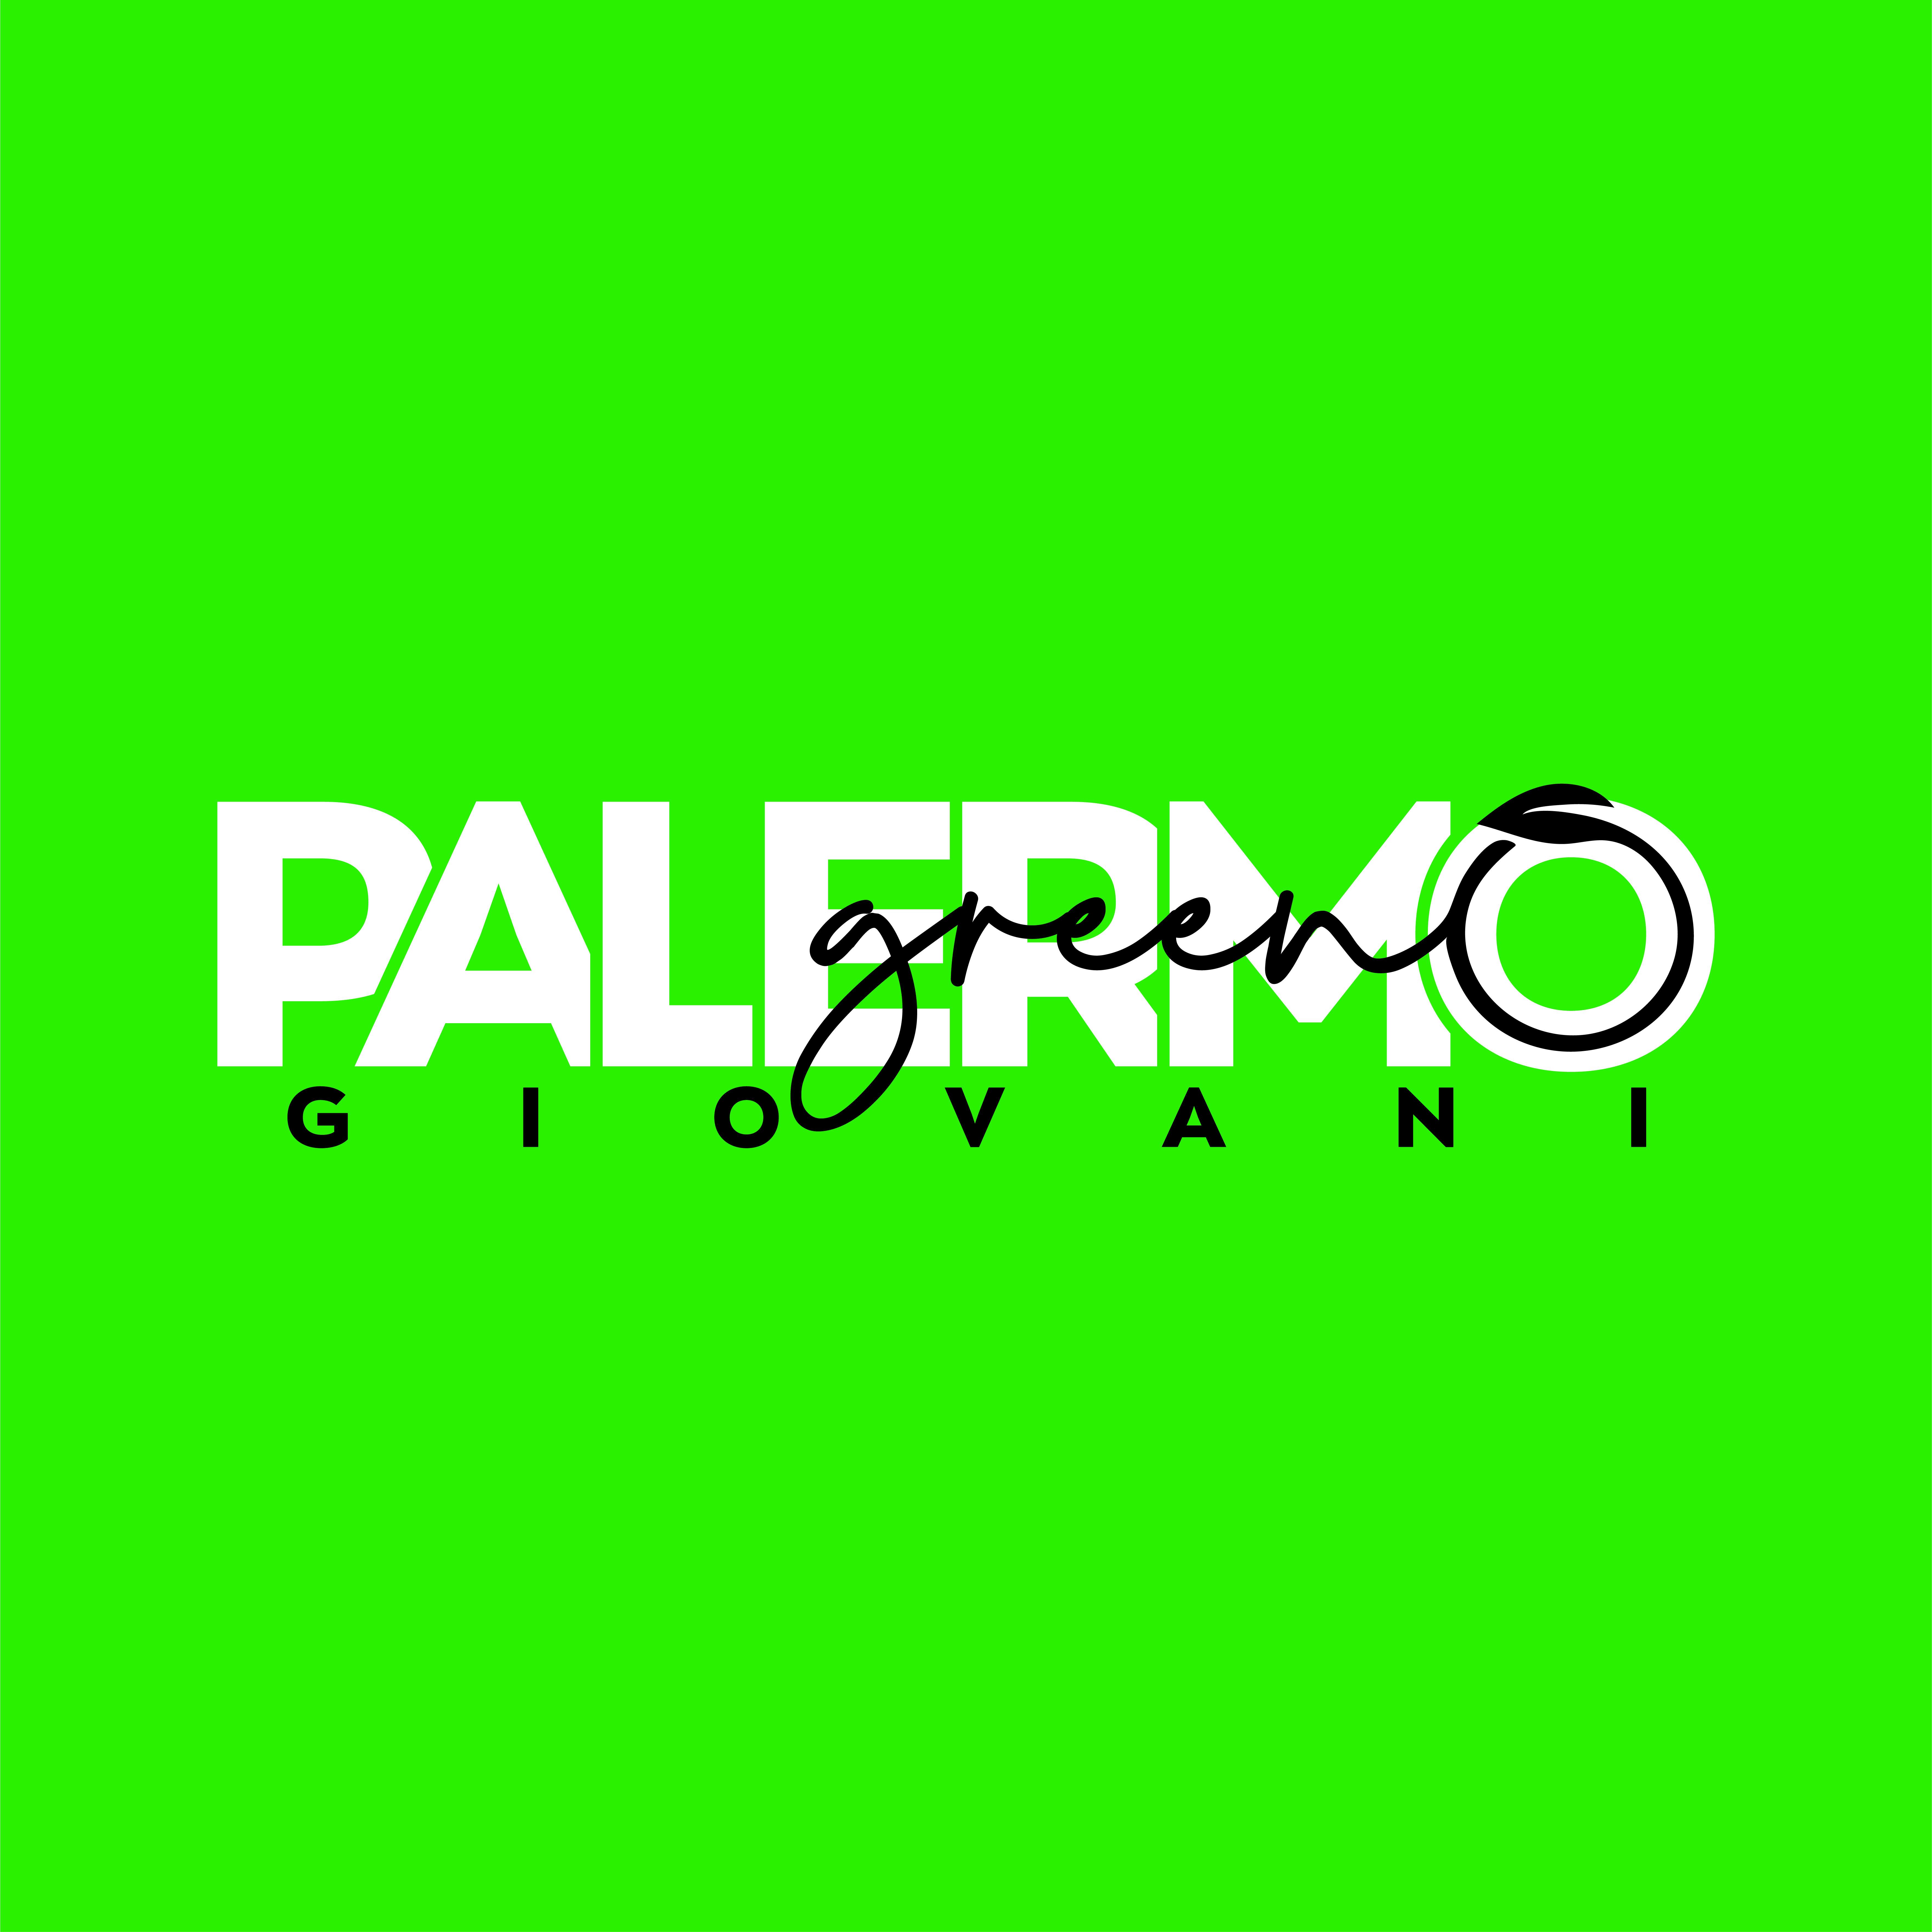 Palermo green giovani